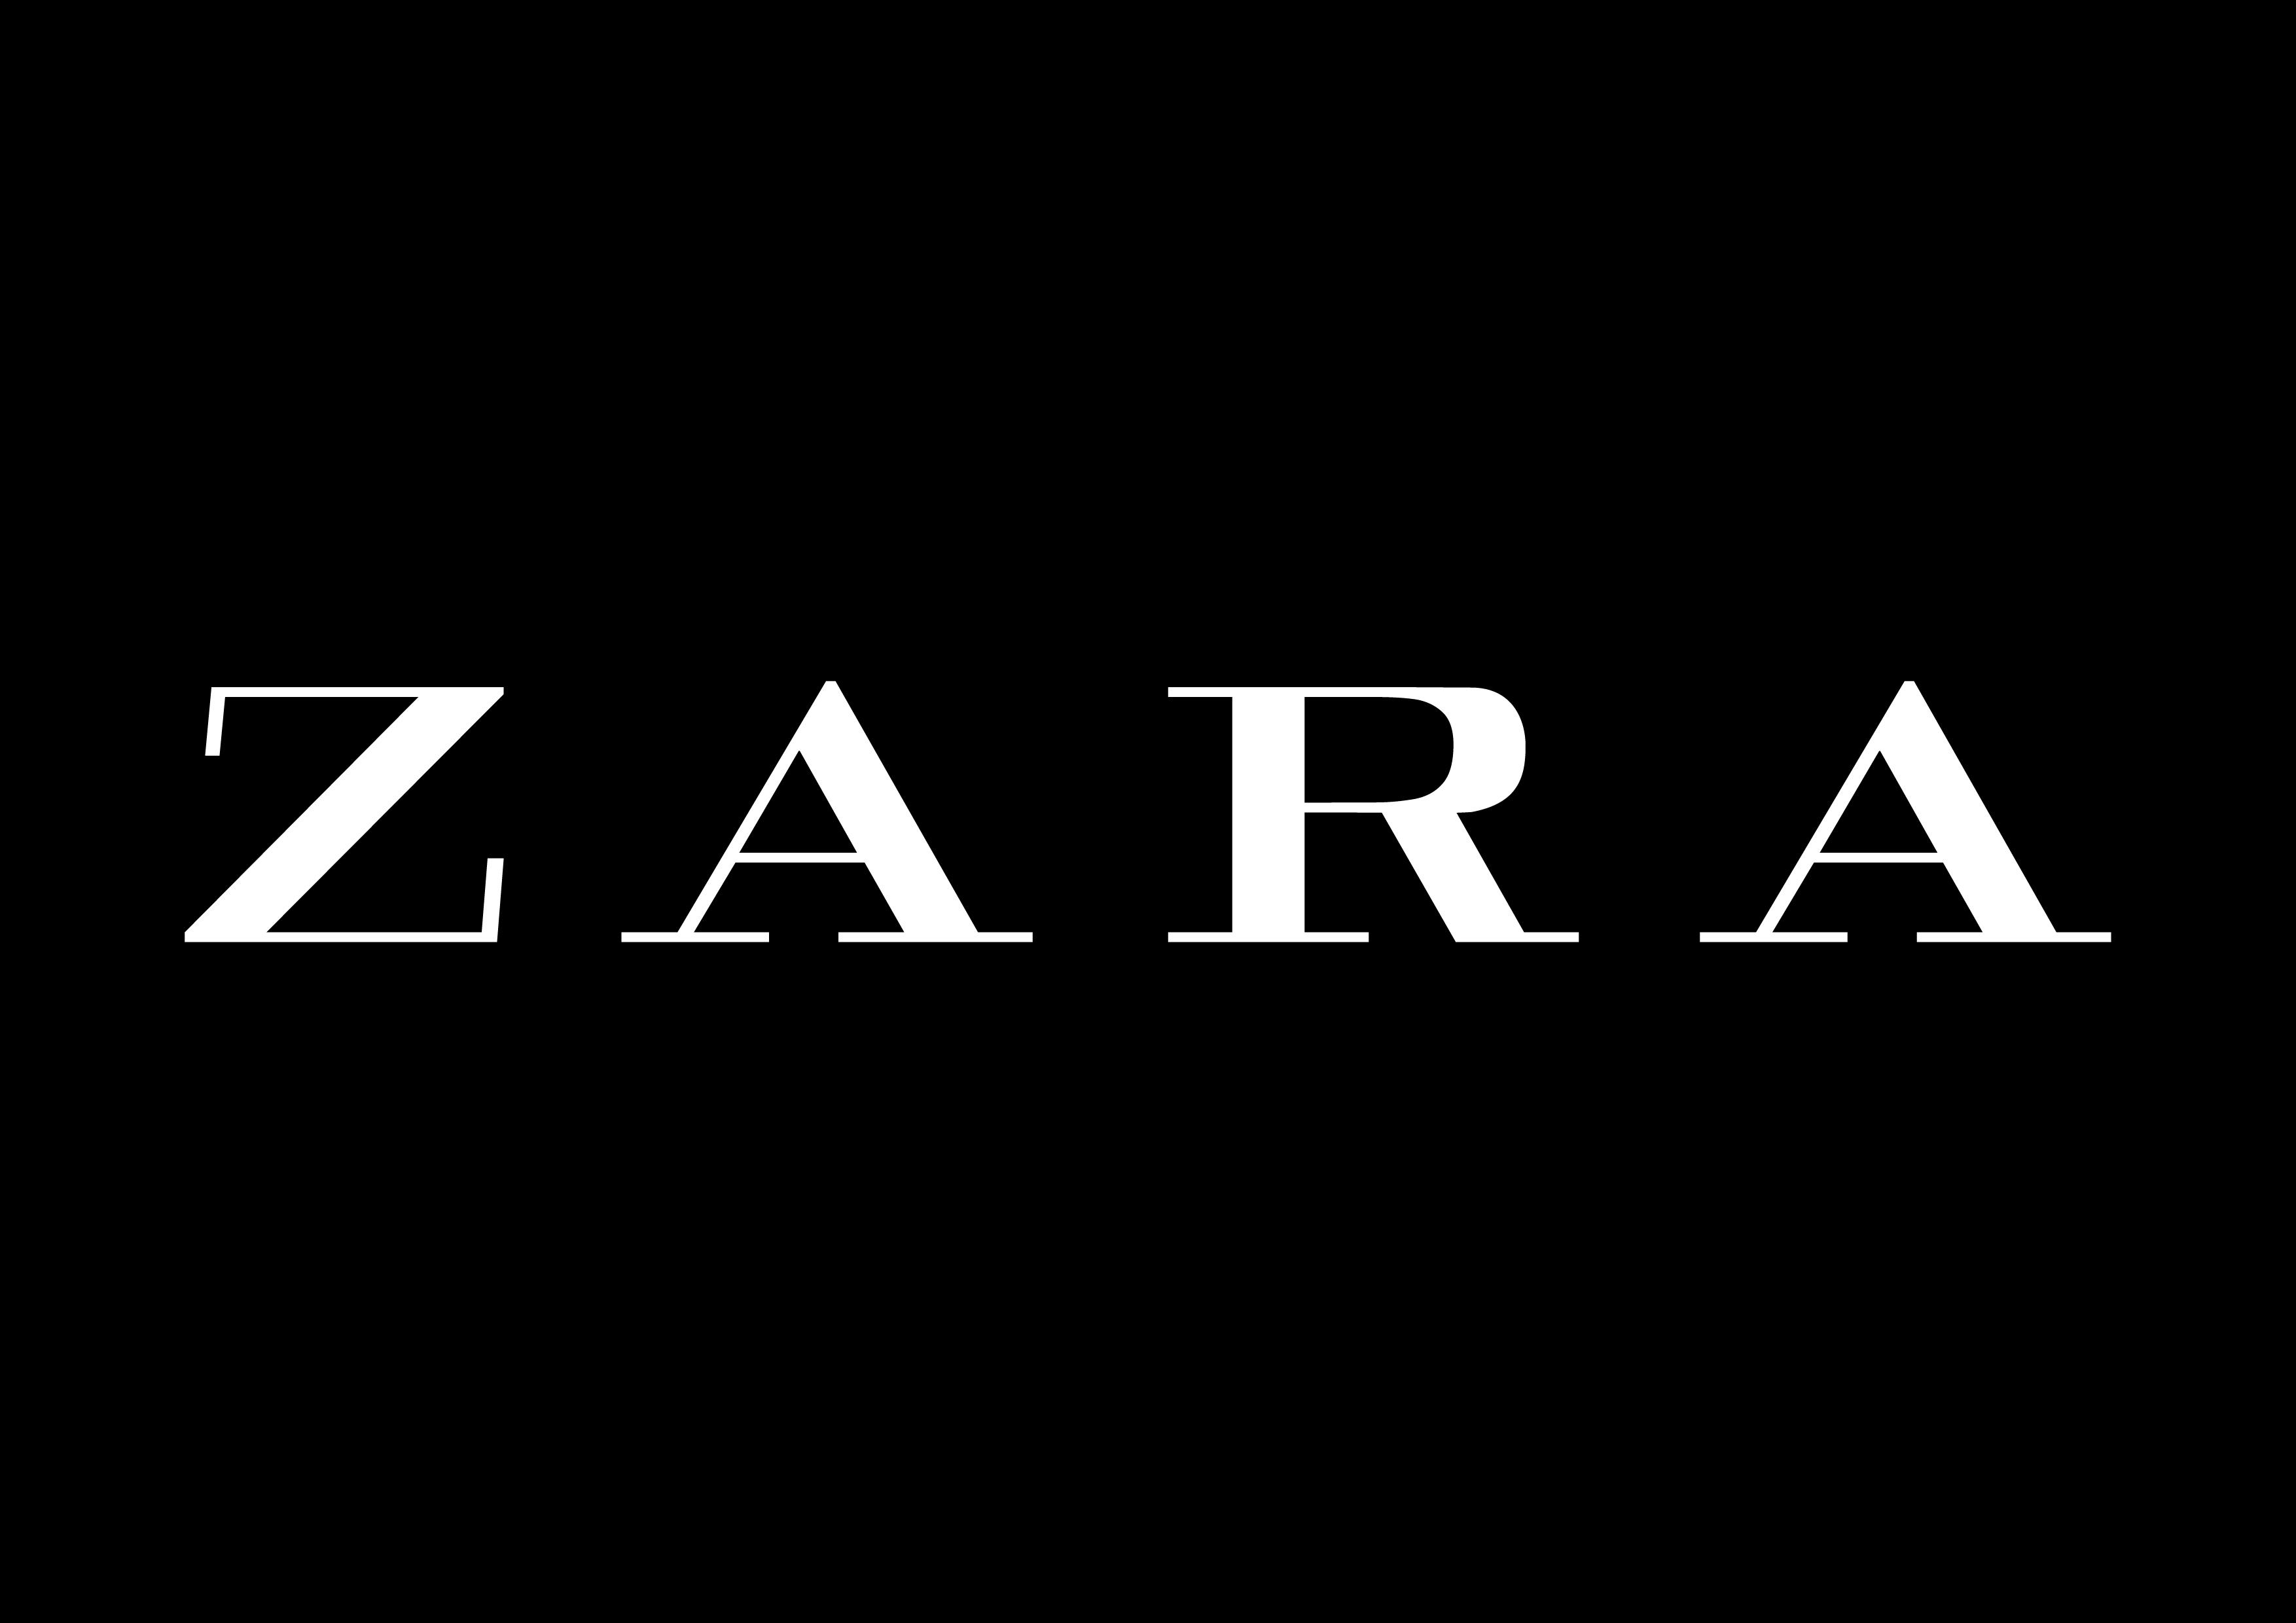 2017 -2018 İndirim Günleri Zara